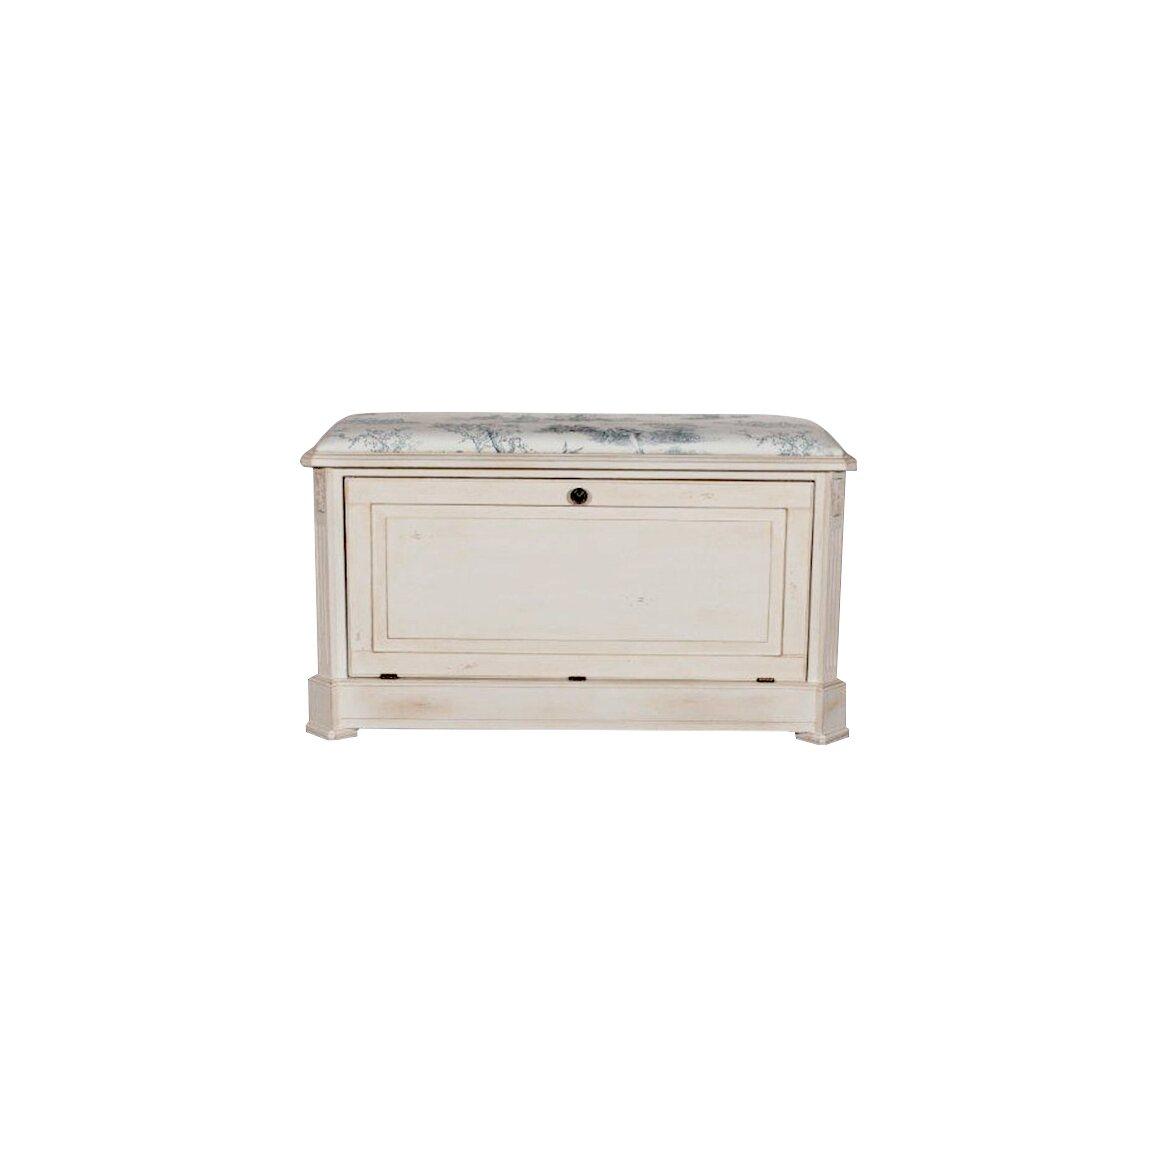 Сундук-пуфик с мягким сиденьем с гобеленовой тканью, белого цвета 2 | Пуфы Kingsby